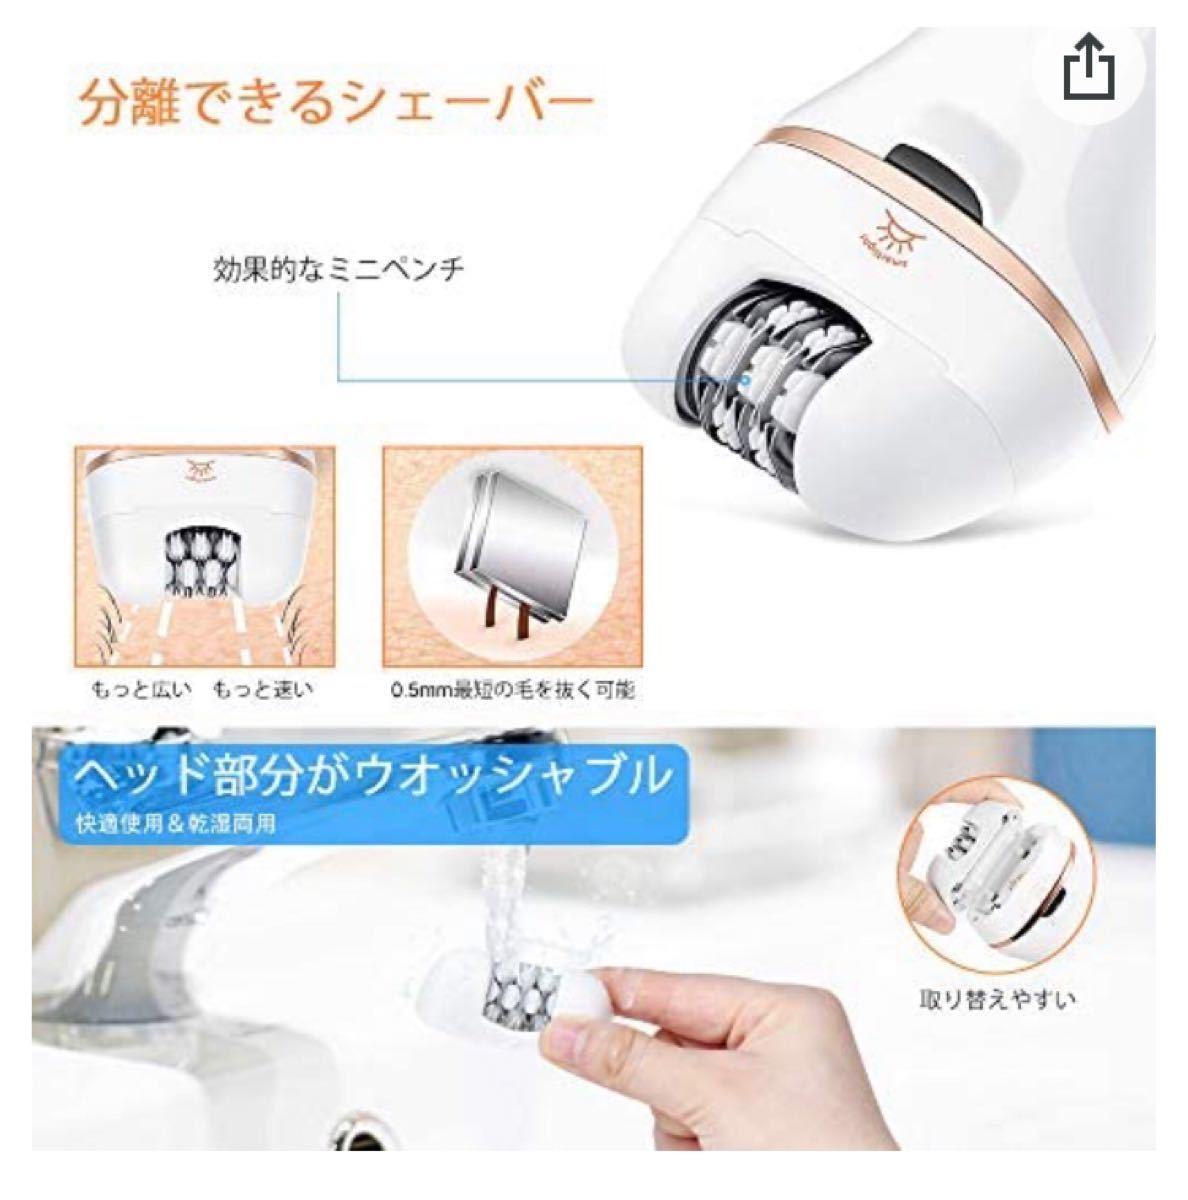 レディースシェーバー 電動角質リムーバーLEDライト付 USB充電式